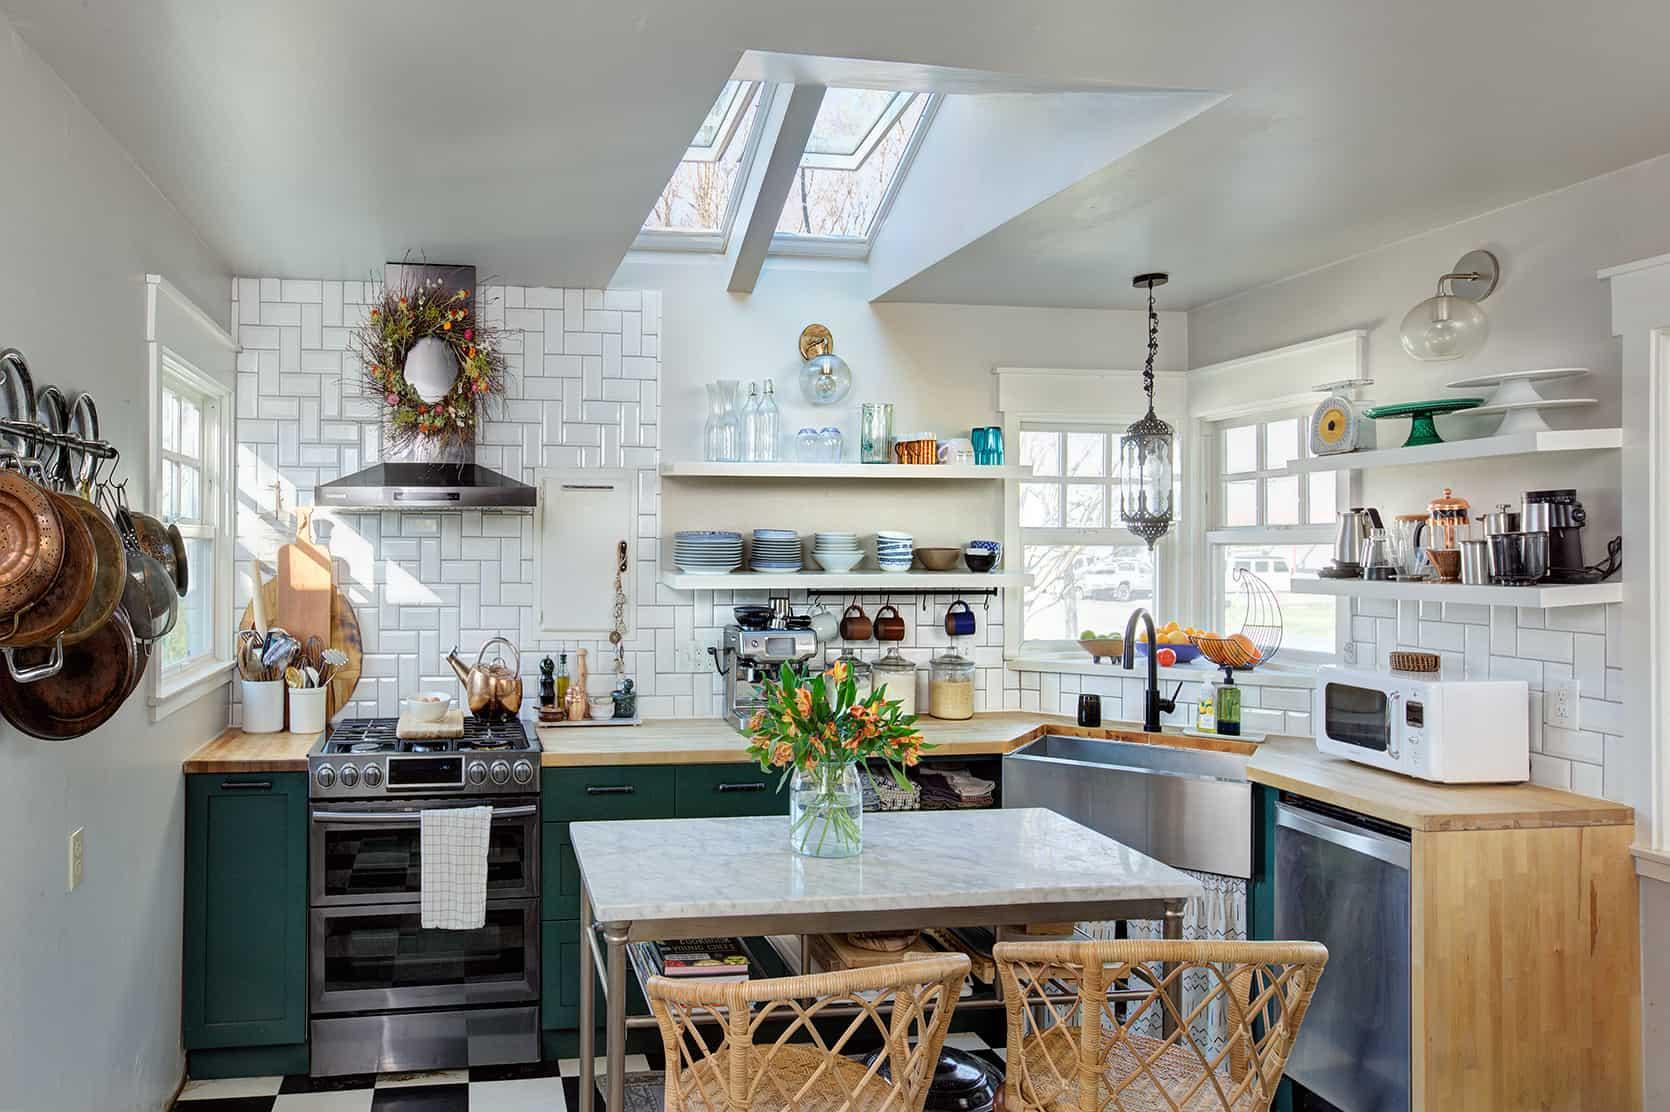 Influencer shavonda gardner 3096 Skylights vss c04 Kitchen After